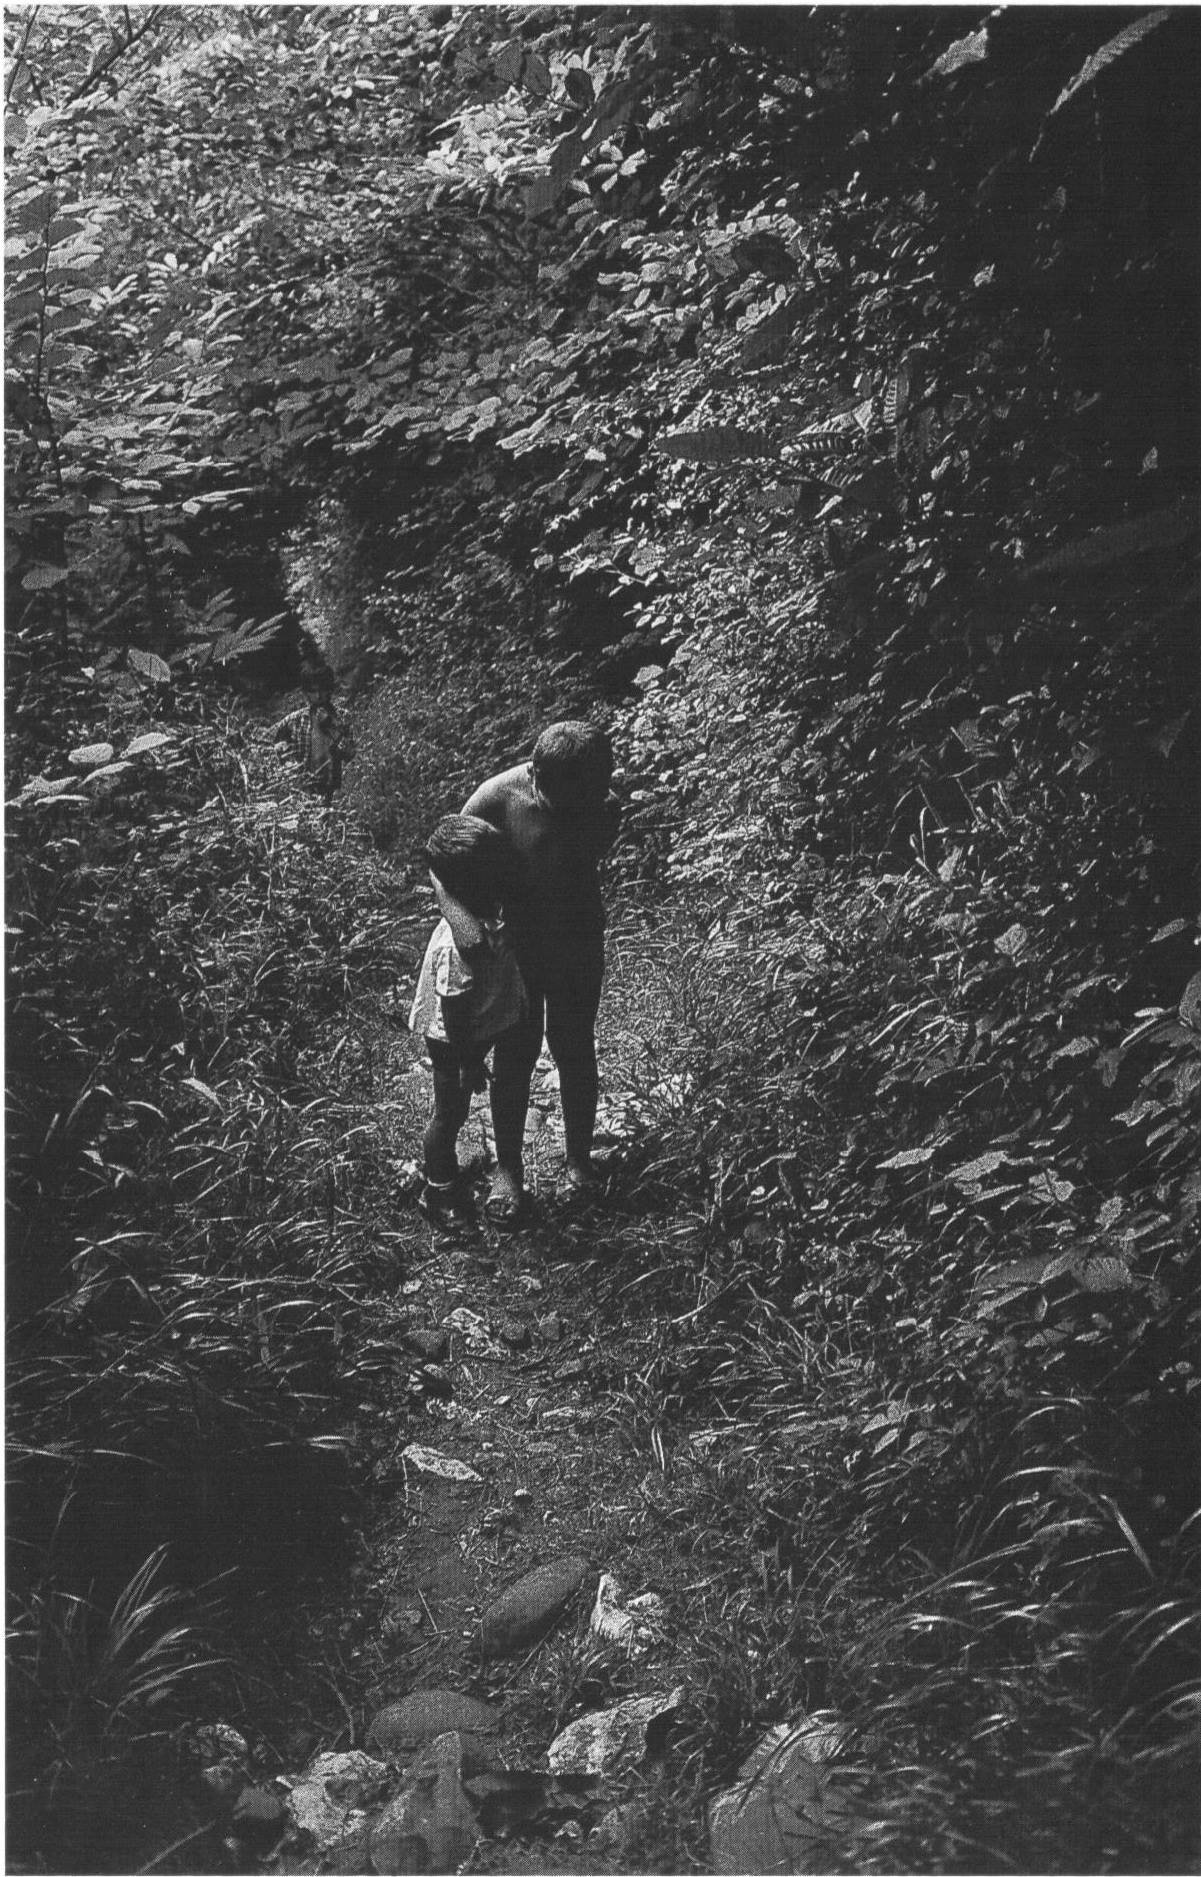 Gabriel Cualladó. Niños en el camino. Sobrepiedra. Asturias, 1968<br/>